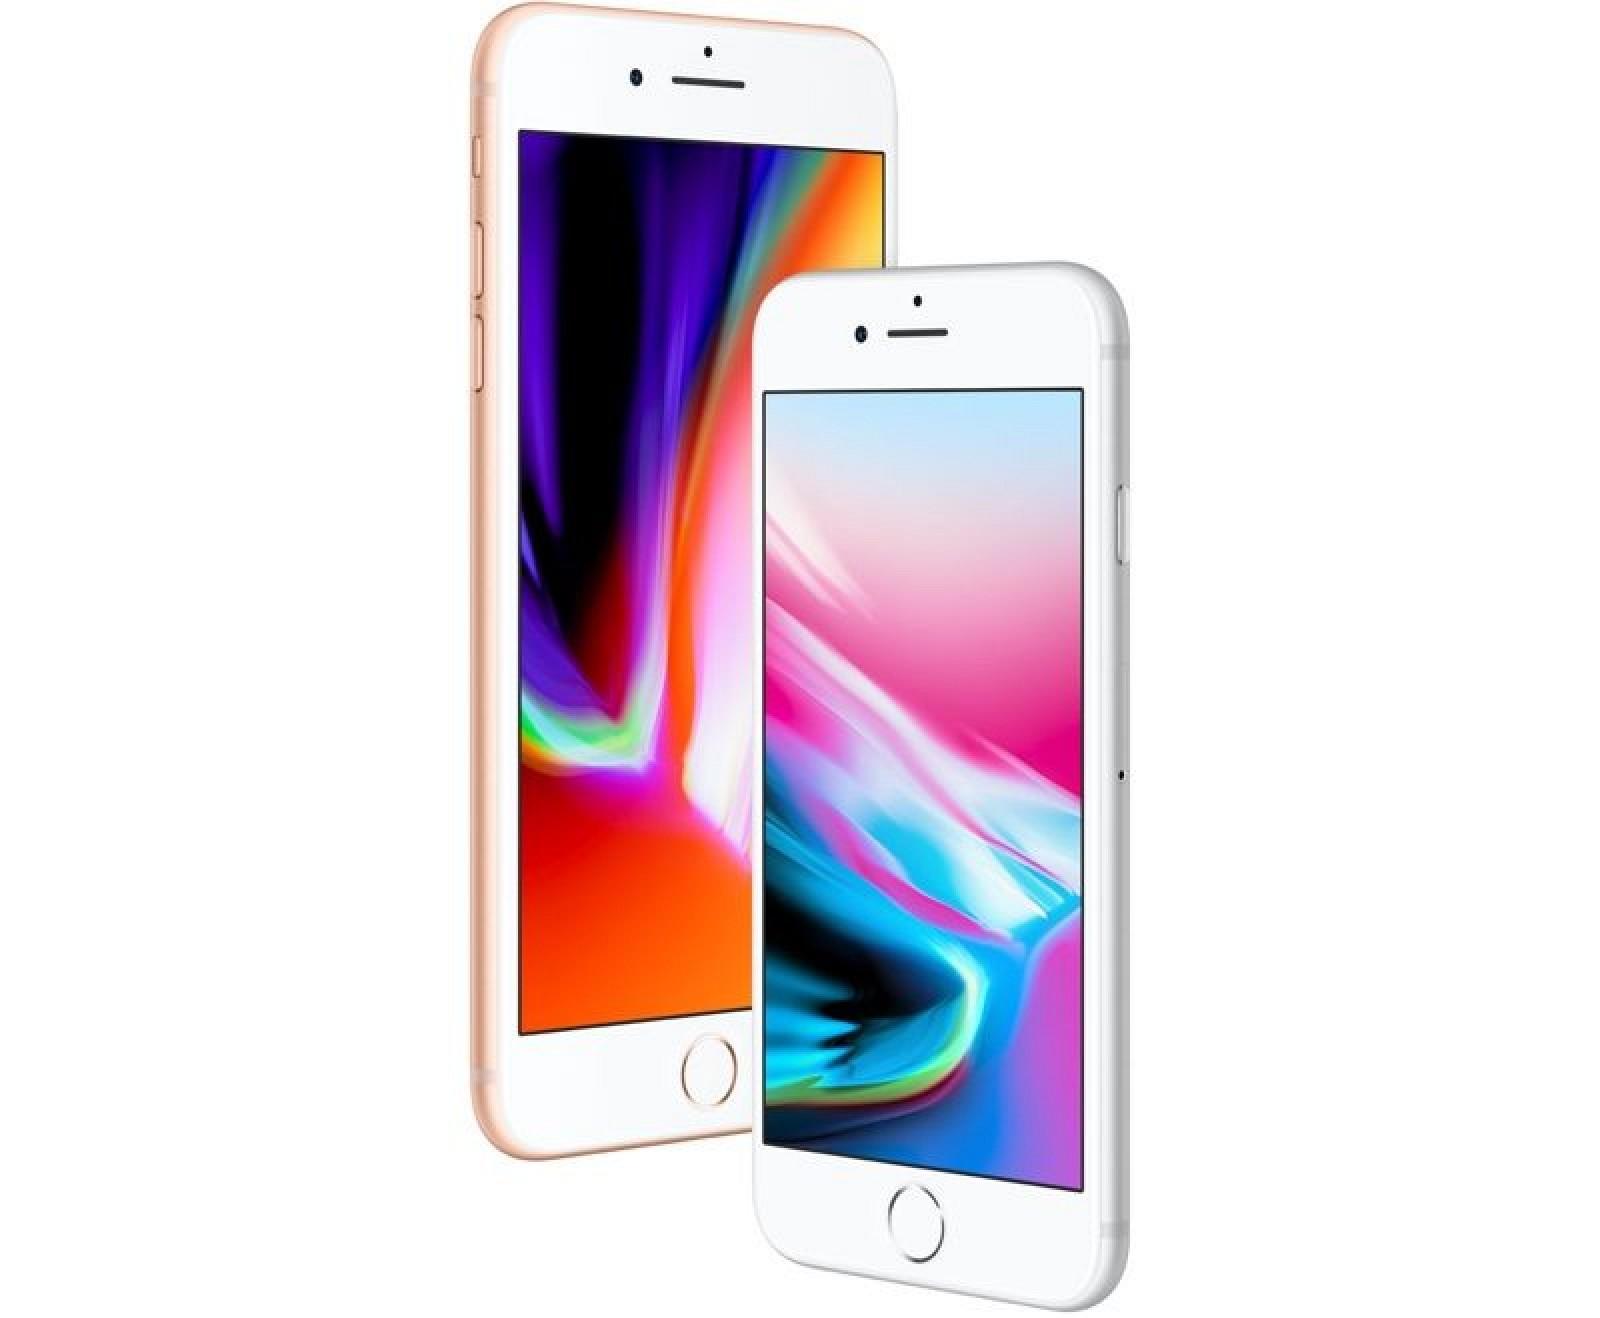 애플, 아이폰8, 아이폰8 플러스 발표